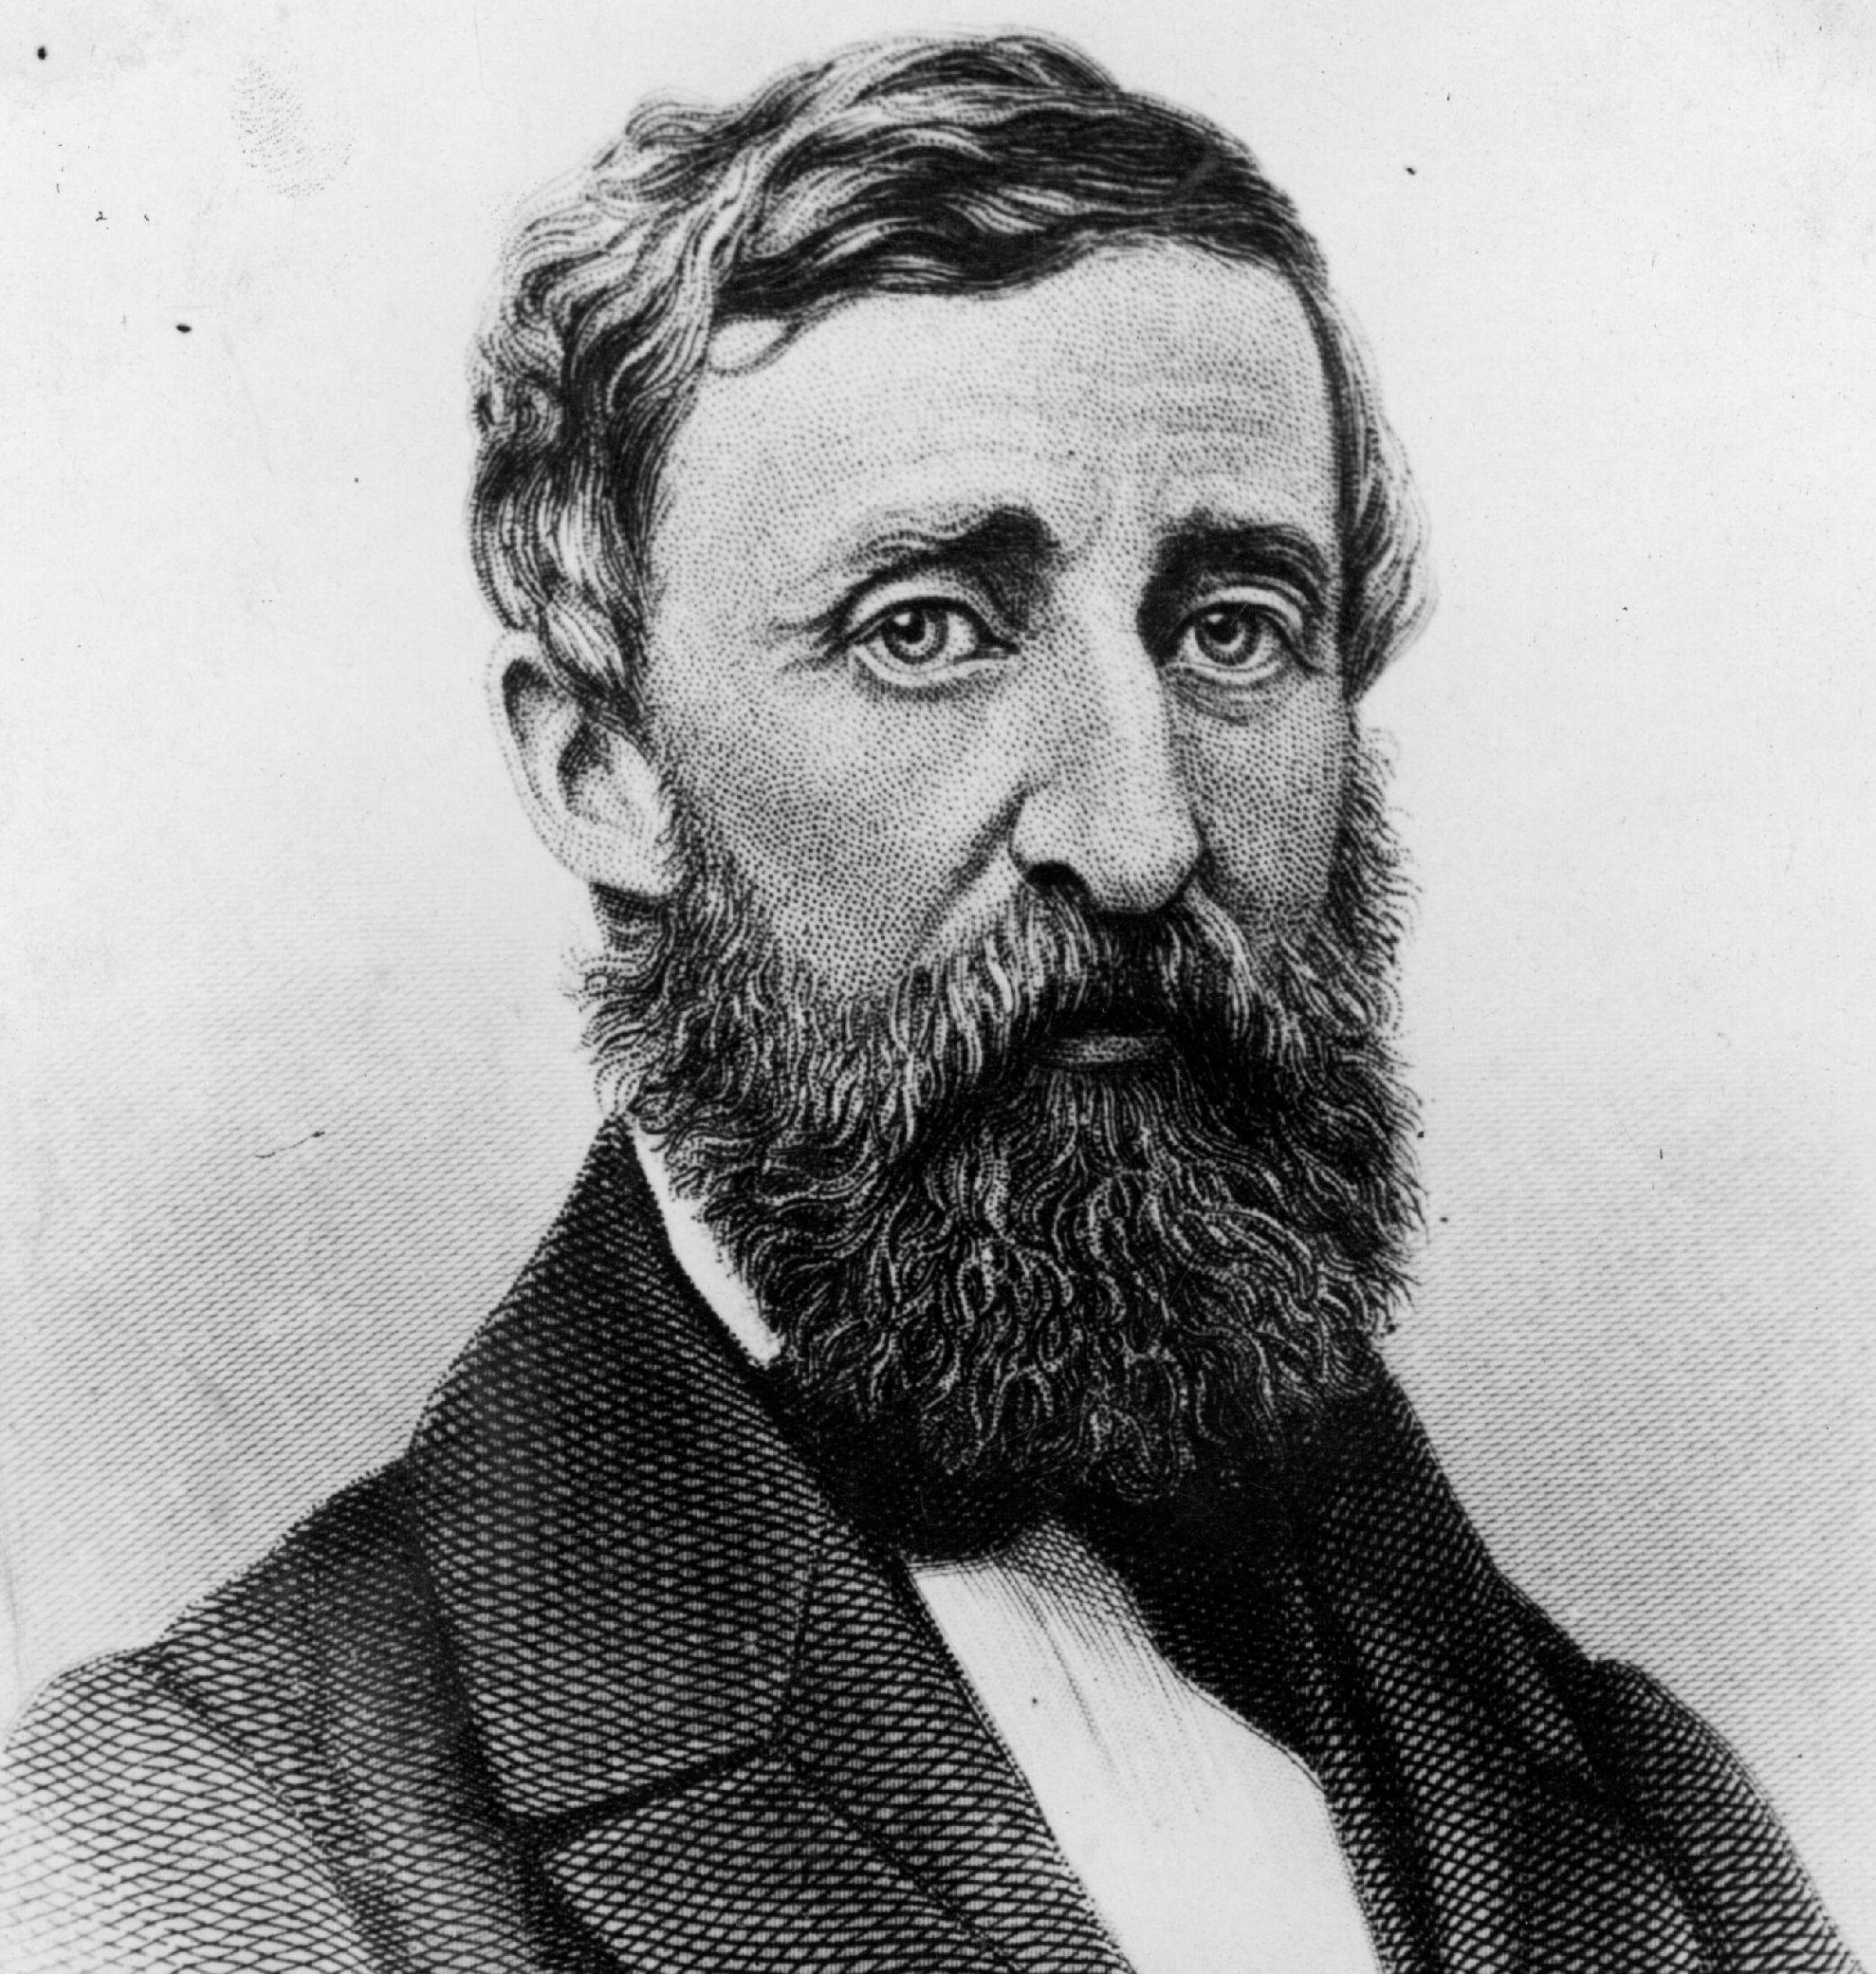 Henry_David_Thoreau_2.jpg